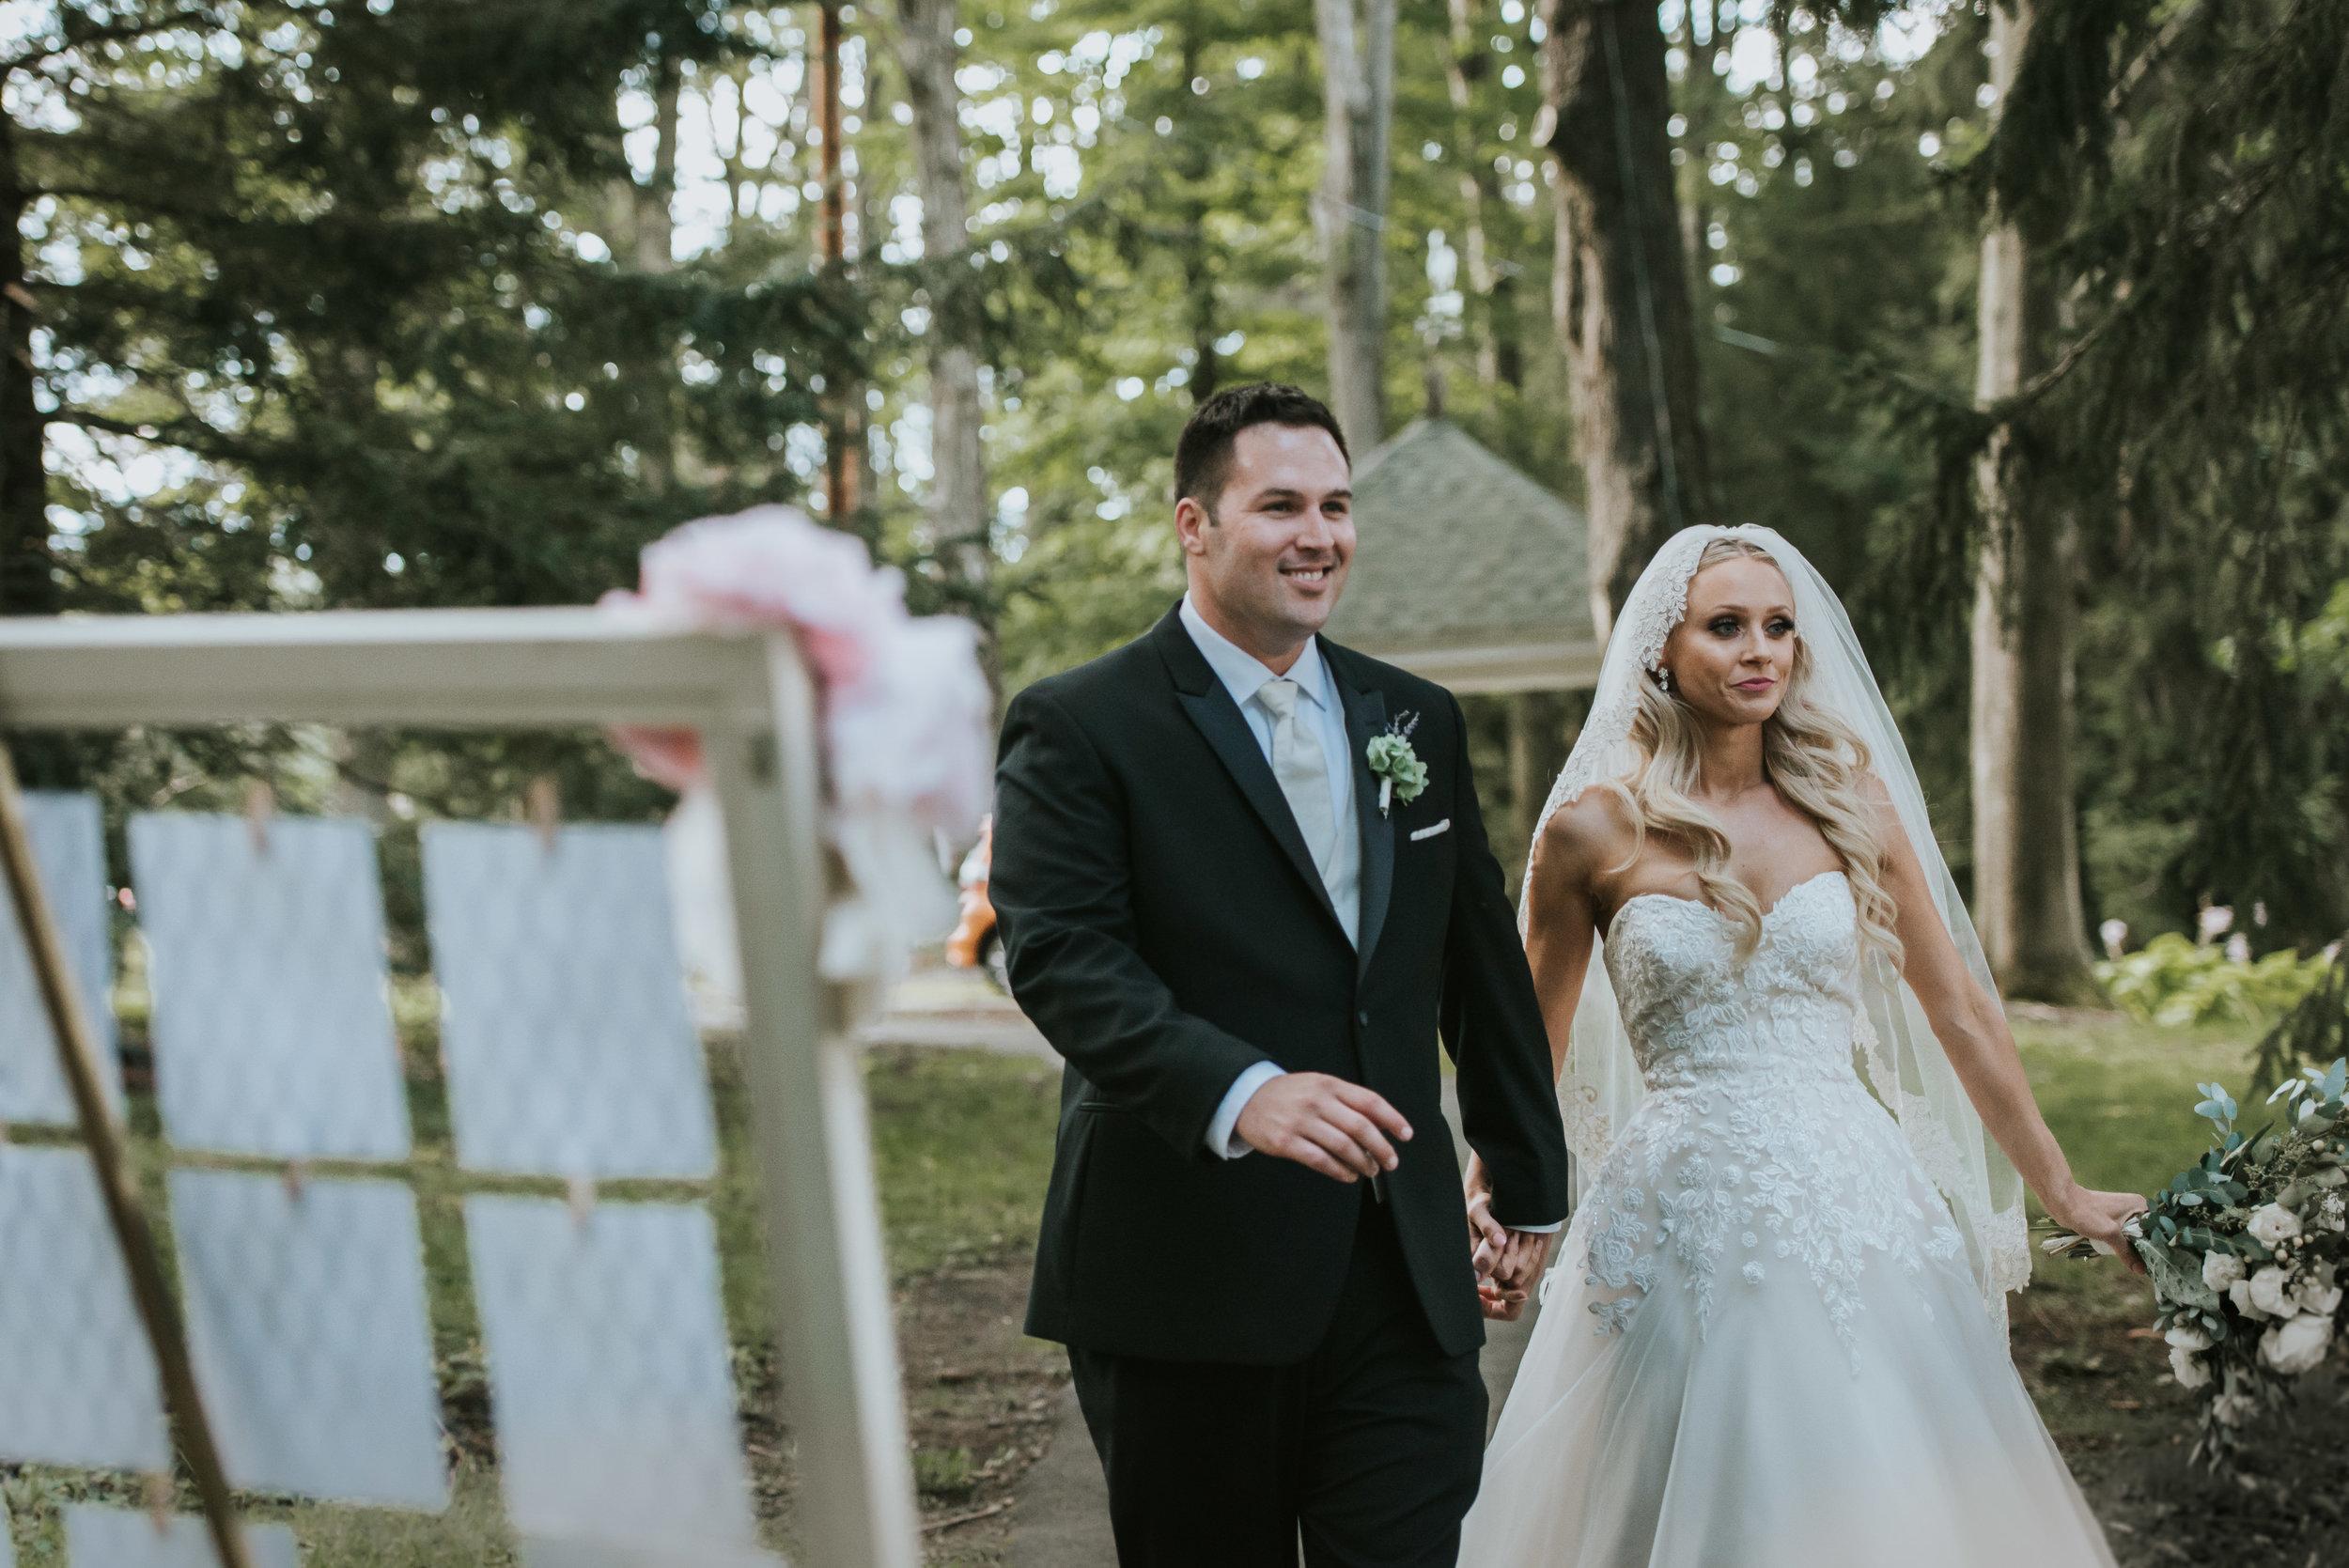 Christine-and-James-Wedding_-339.jpg